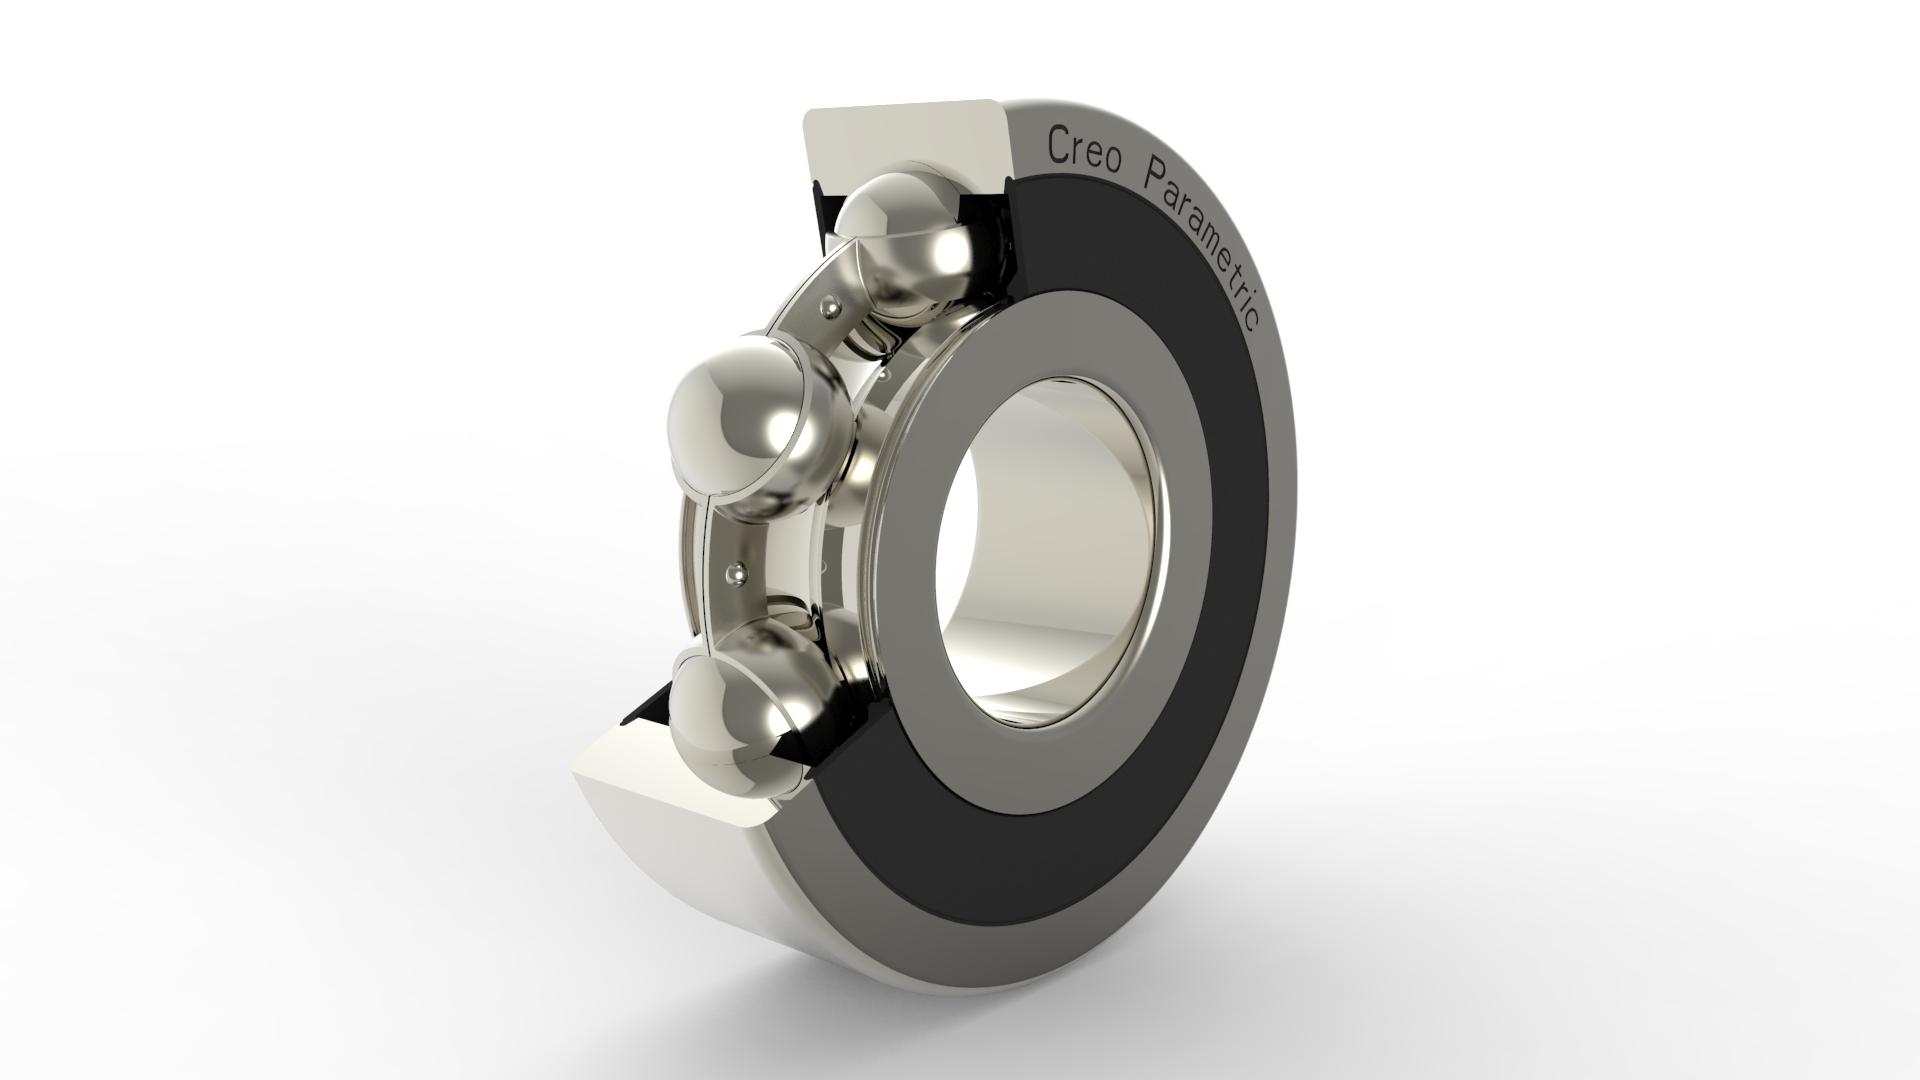 bearing-01_1920x1080.jpg